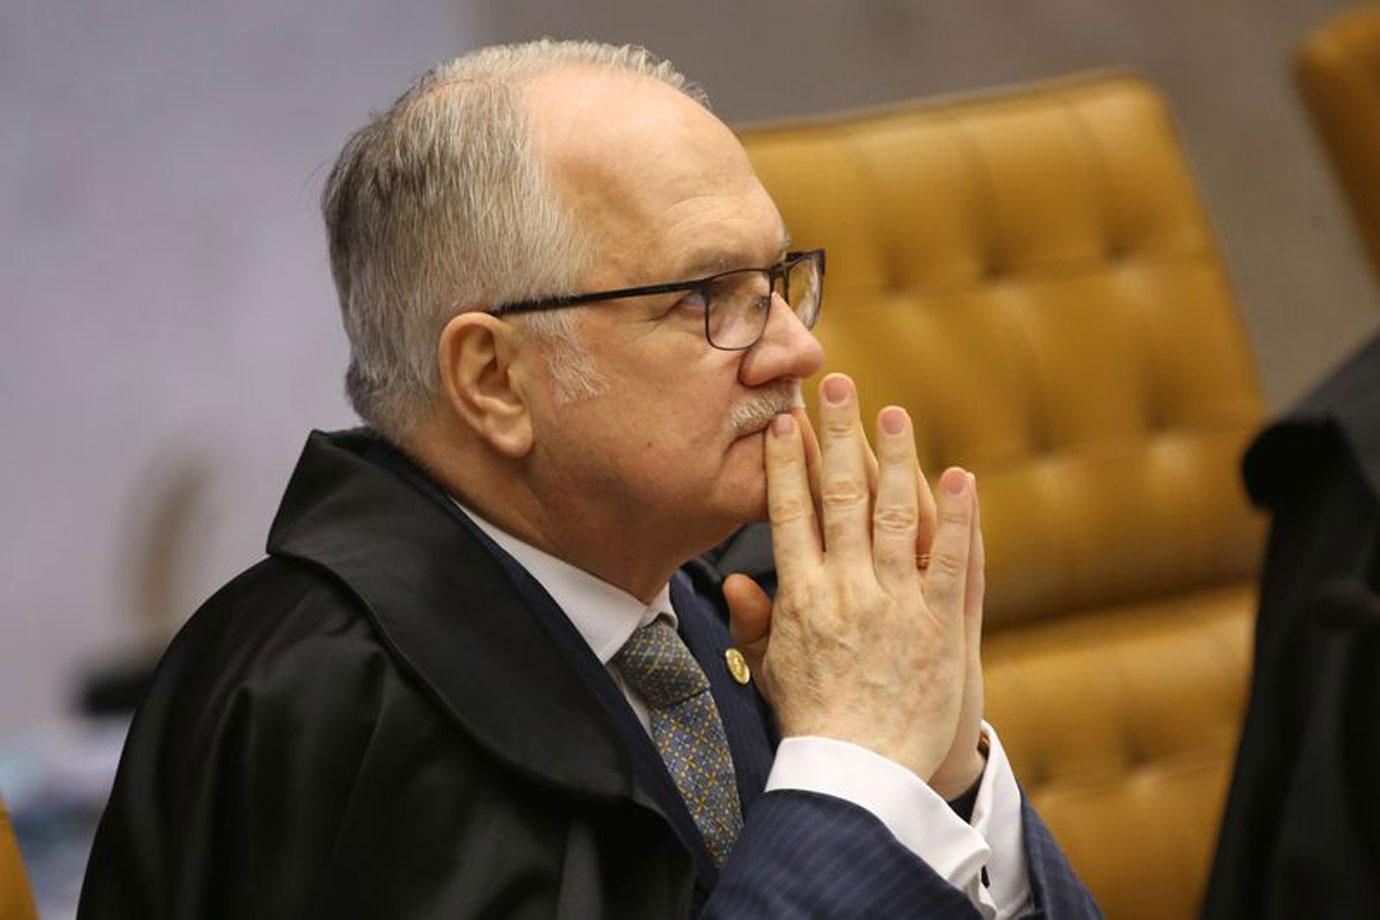 Fachin nega pedido de associações que questionam exigências para porte de arma de magistrados